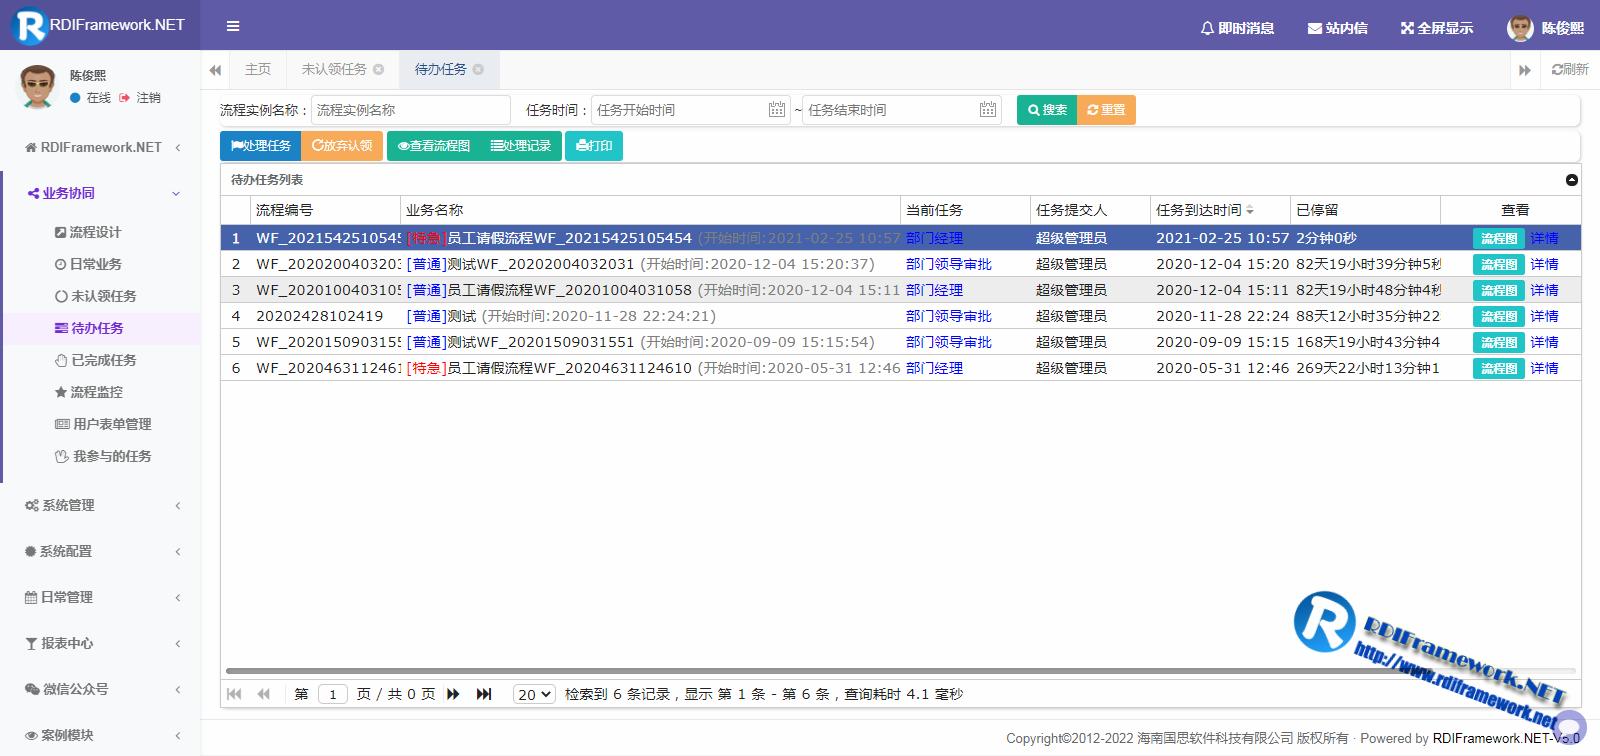 Web业务平台-待办任务